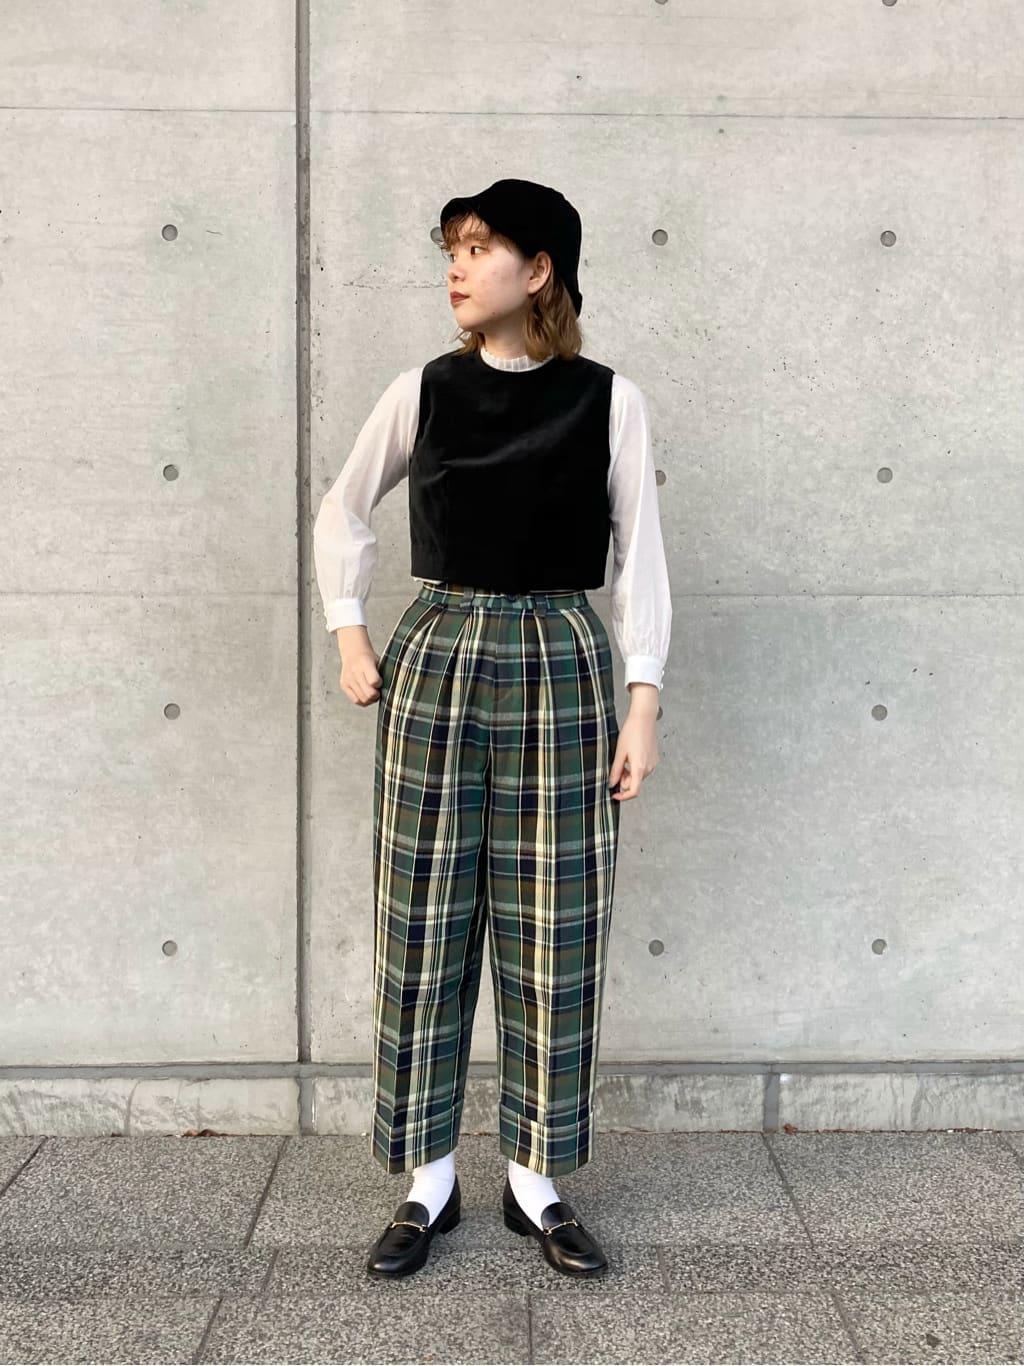 東京スカイツリータウン・ソラマチ 2021.10.12